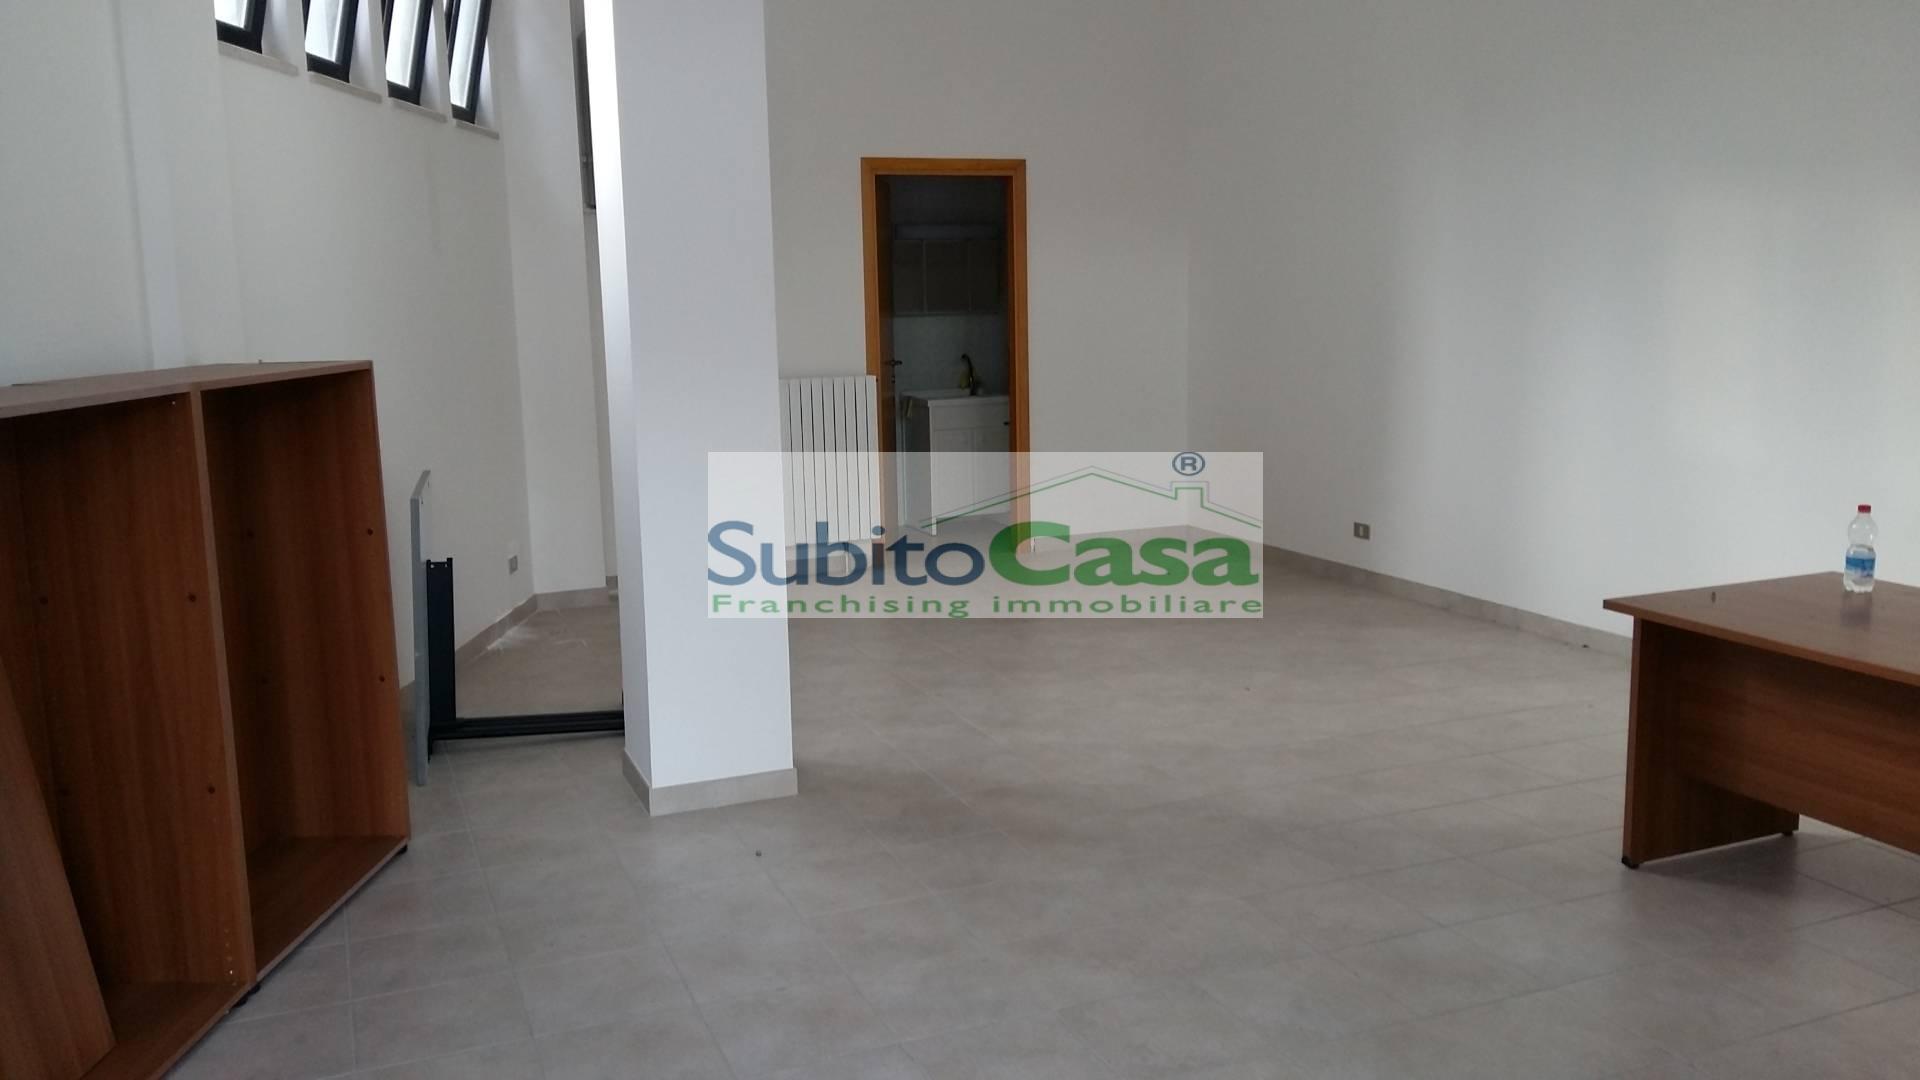 Negozio / Locale in affitto a Chieti, 9999 locali, zona Località: ChietiScaloZonaStazione, prezzo € 430 | Cambio Casa.it